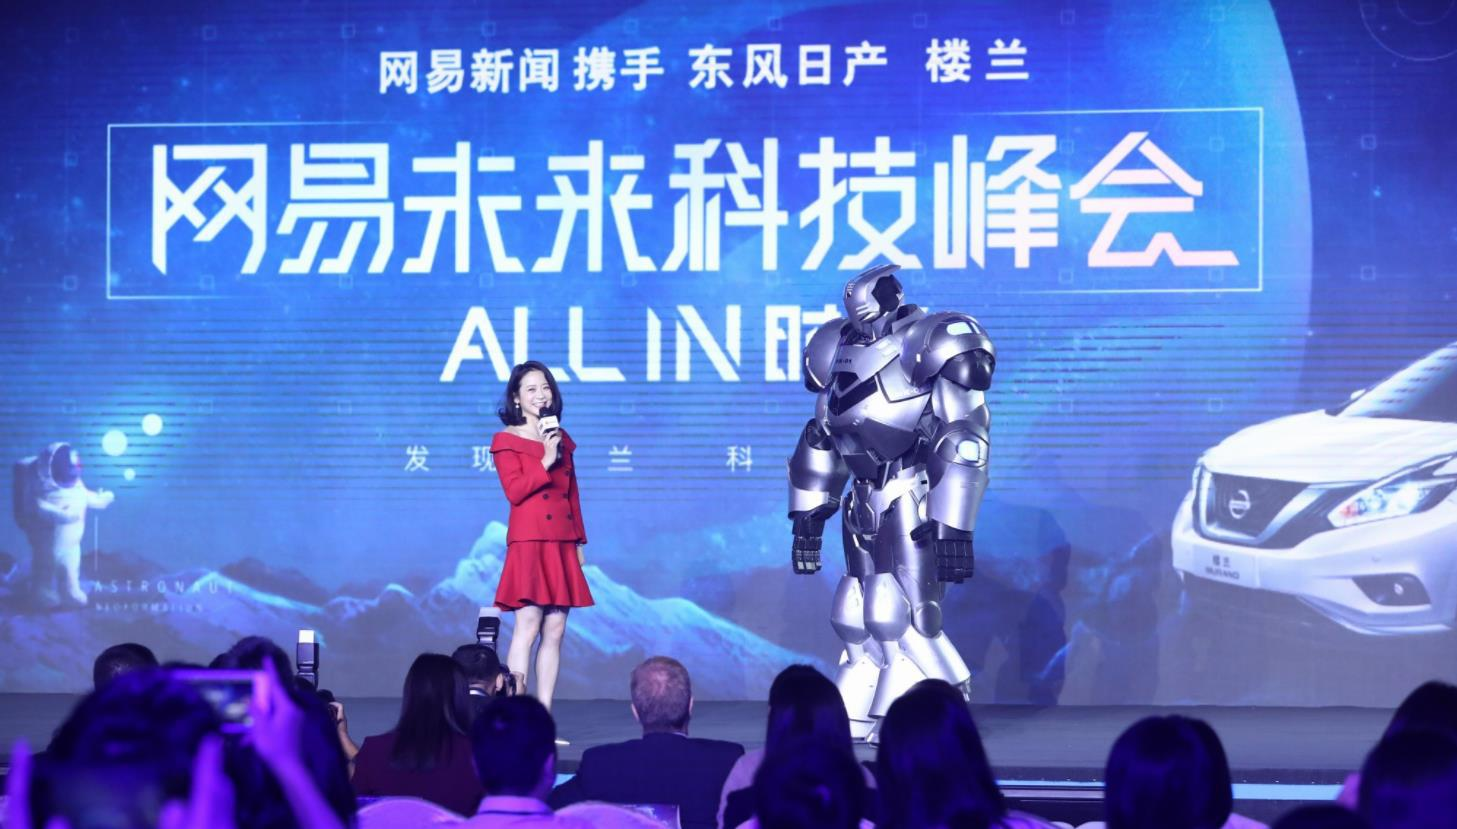 网易未来科技峰会大咖说:人工智能变局 未来掌握谁手